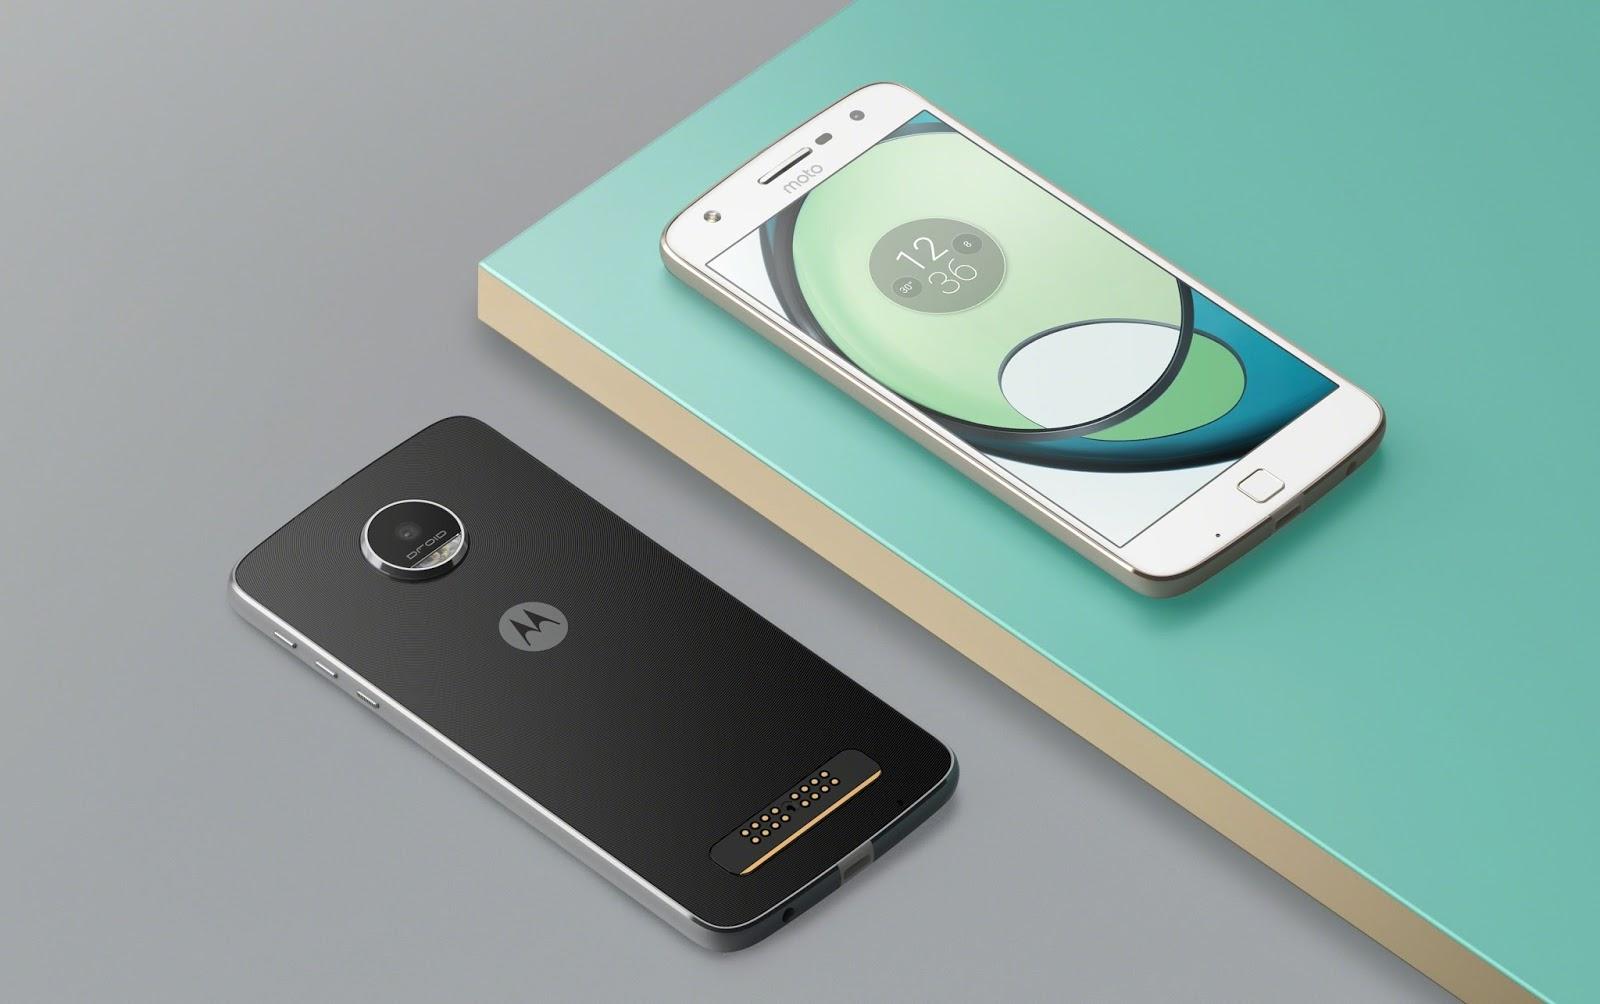 Motorola Moto Z Play Official Specs